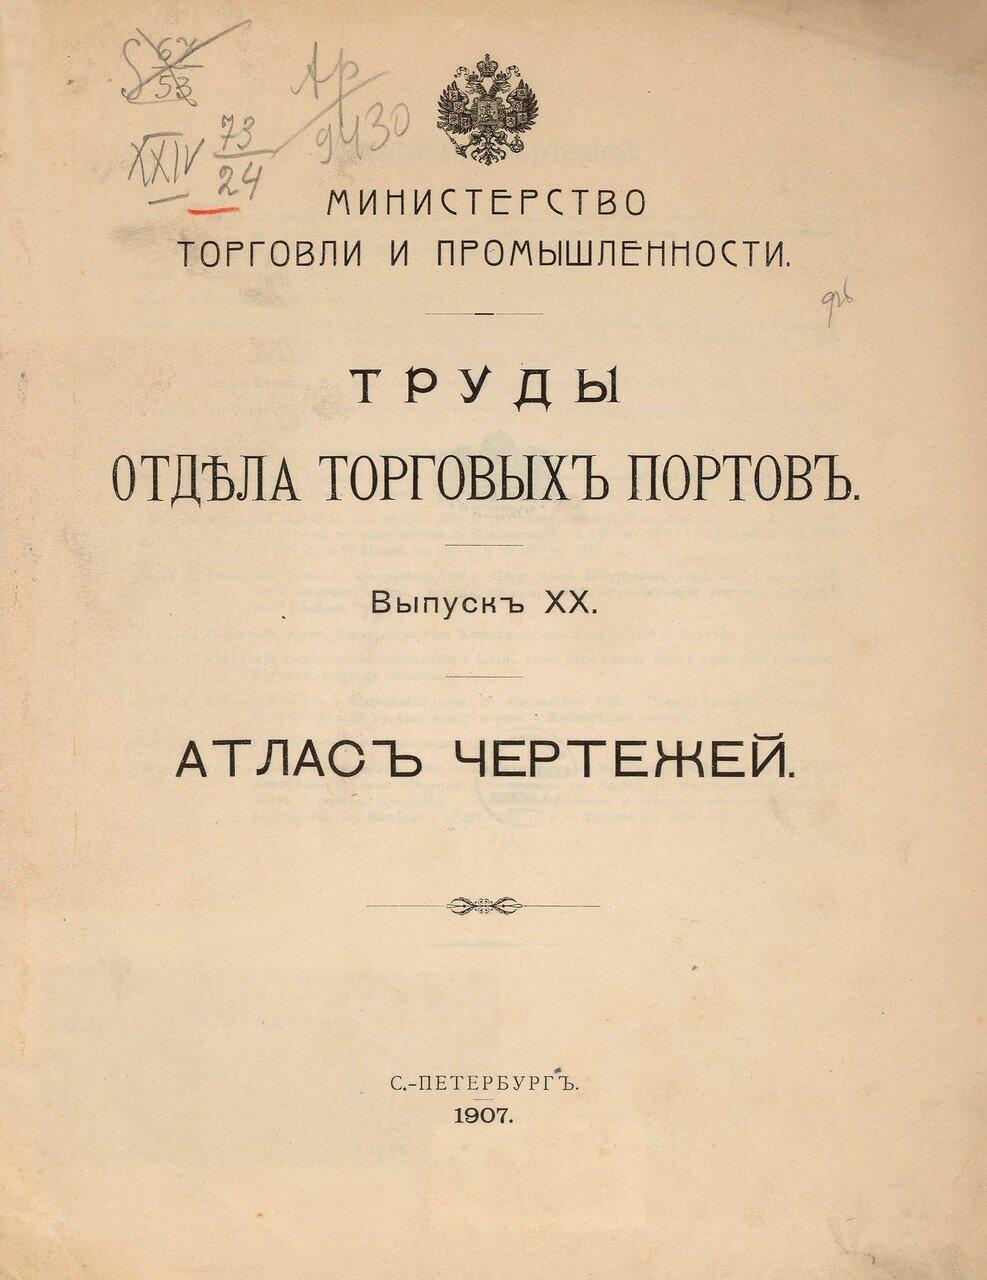 00. Титульный лист